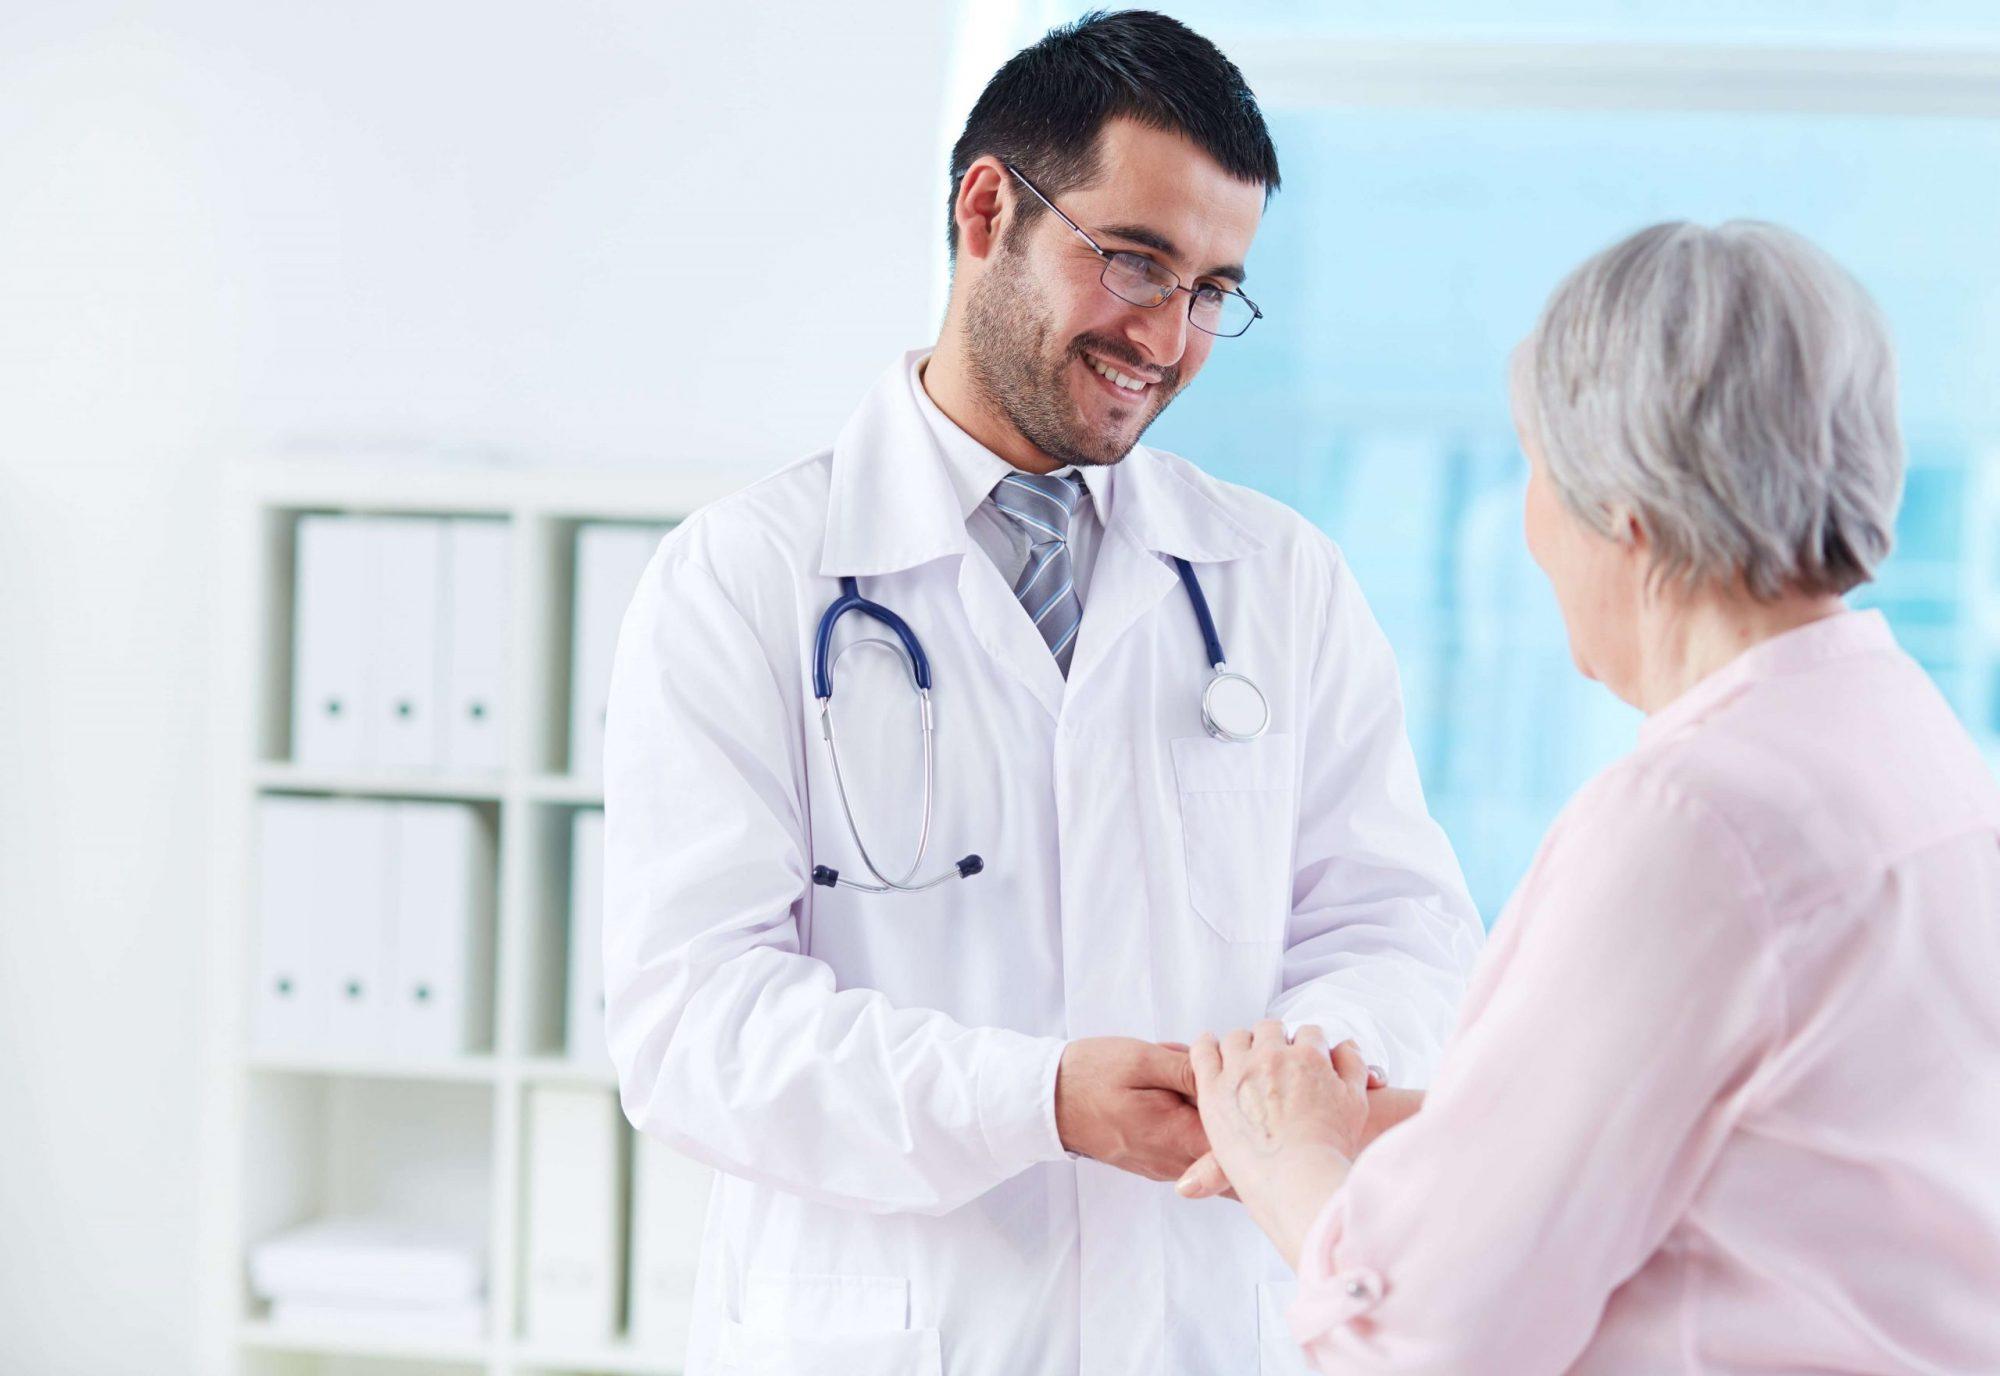 Dottore Paziente Dialogo Comunicazione Salute Sorriso Comprensione